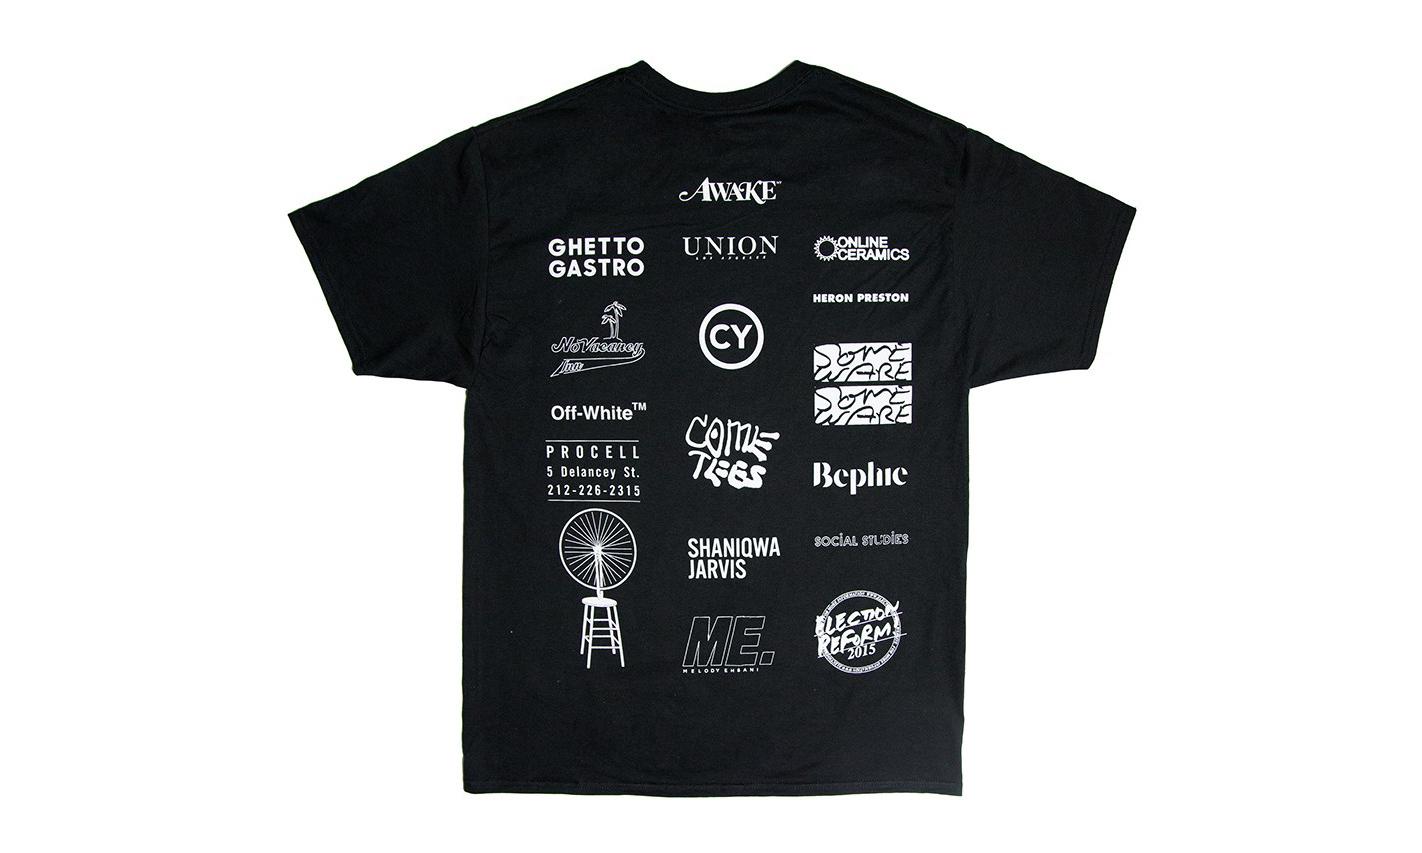 Virgil Abloh 再次为 Social Studies 项目打造限定 T-Shirt